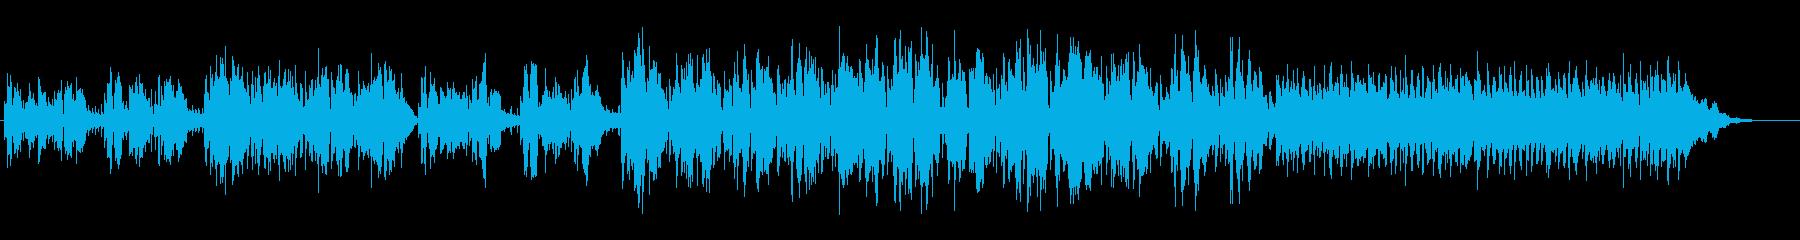 アコースティックなバラード曲の再生済みの波形